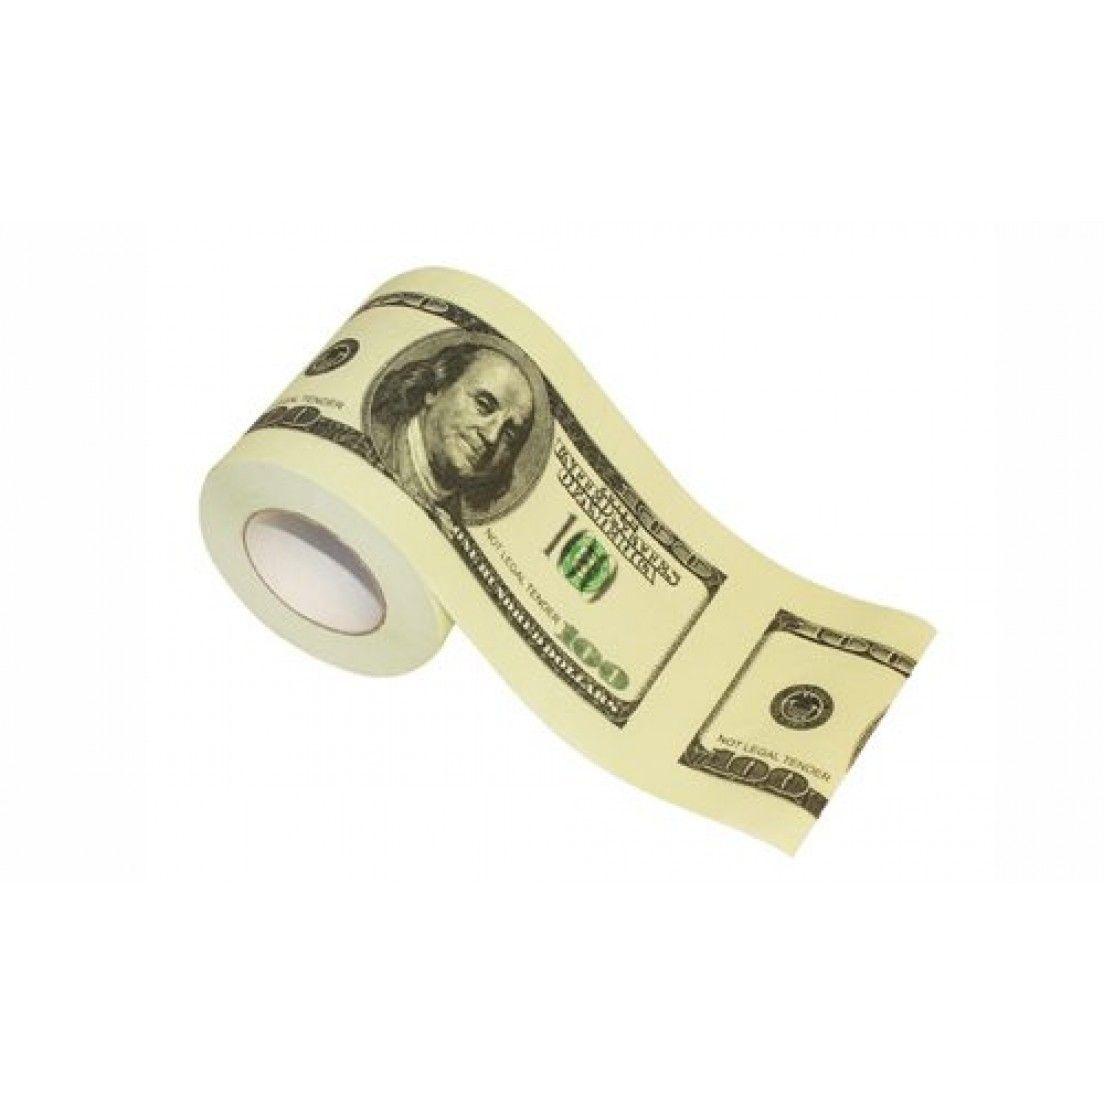 Vor Lauter Geld Nicht Mehr Wissen Wohin Damit Und Es Einfach Einmal Als Toilettenpapier Benutzen Ein Traum Der Sich Je Papier Toilettenpapier Geld Verpacken